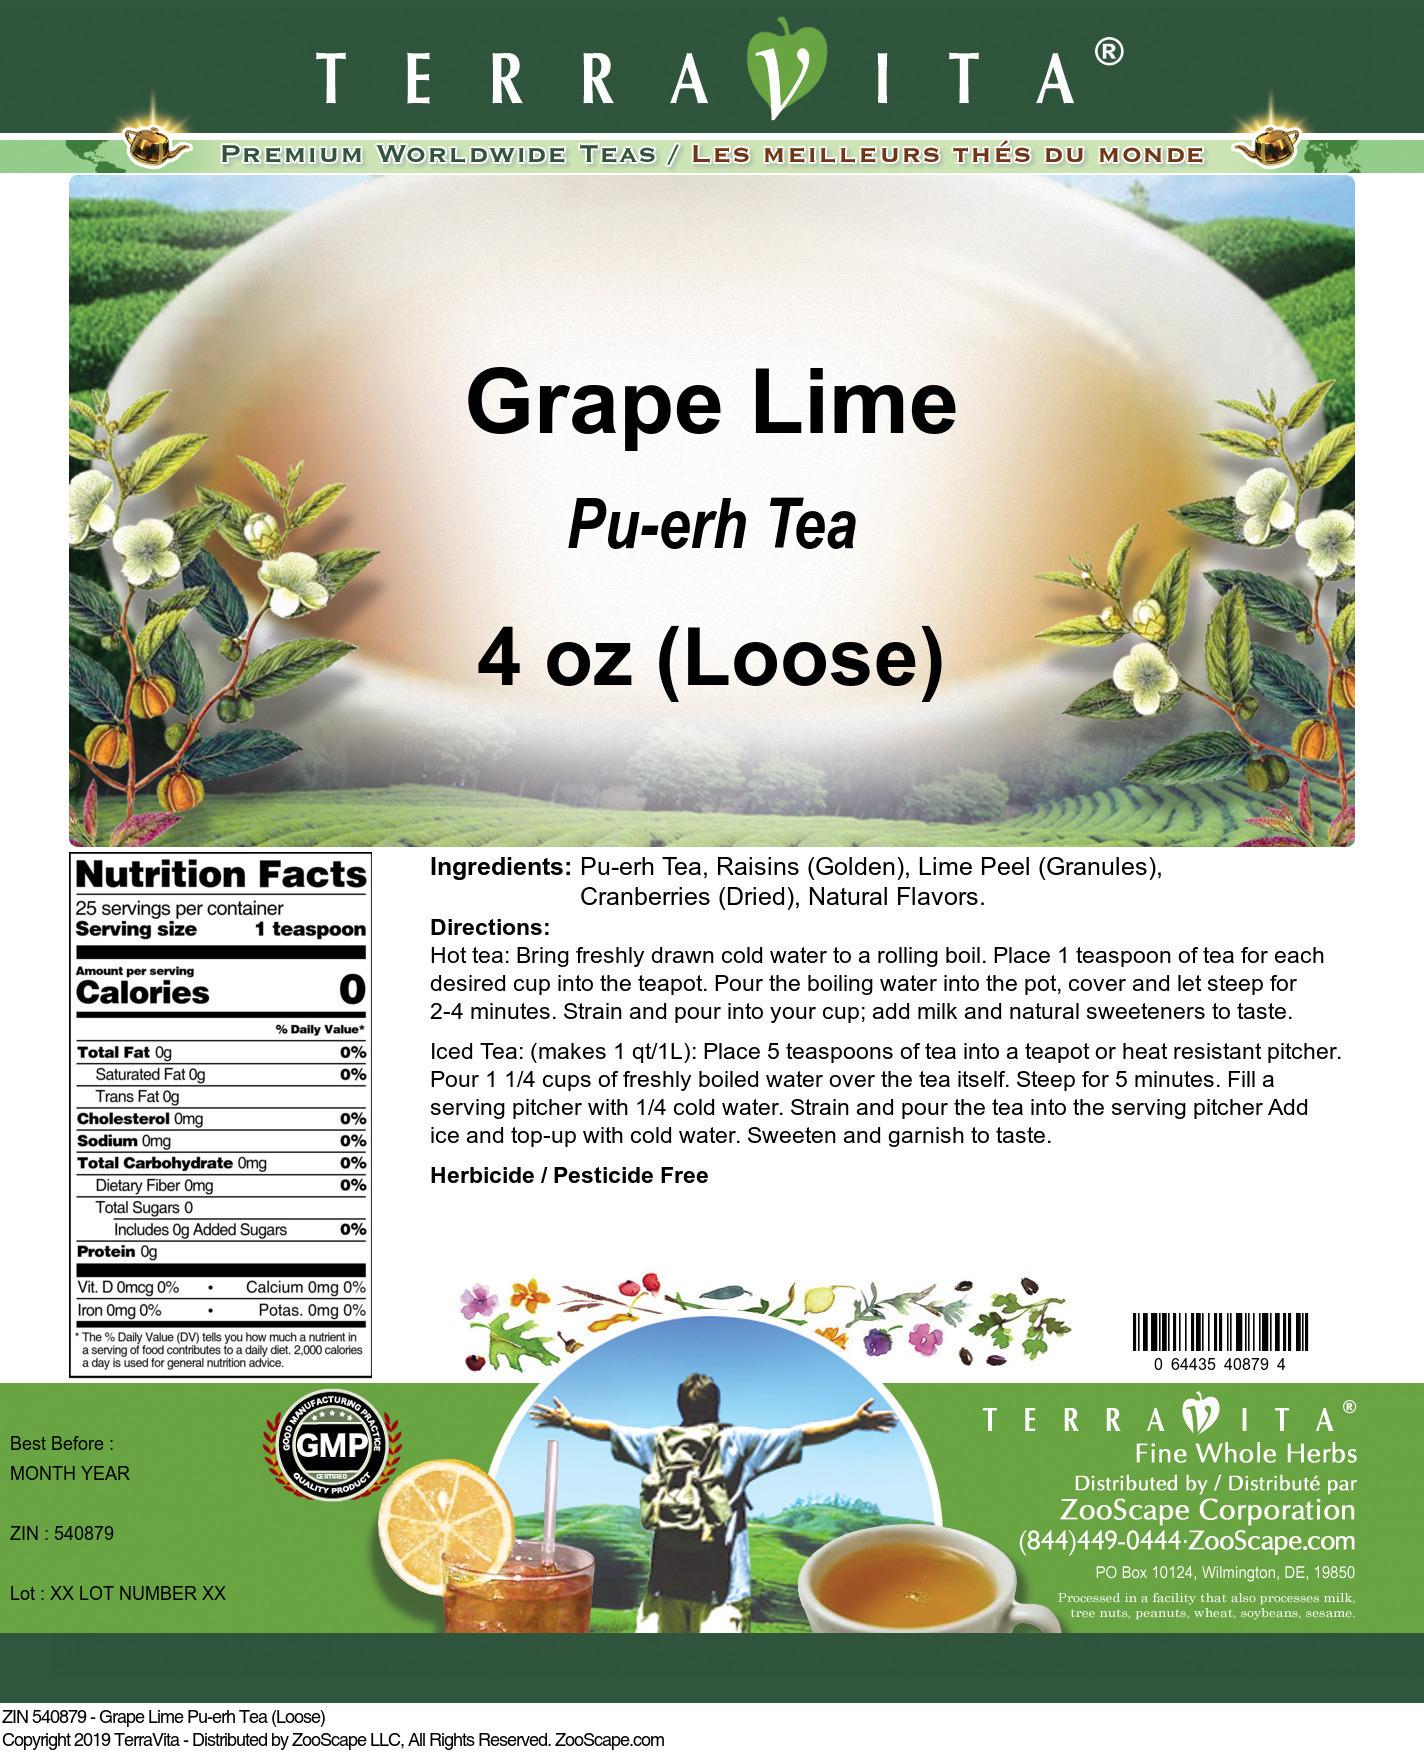 Grape Lime Pu-erh Tea (Loose)